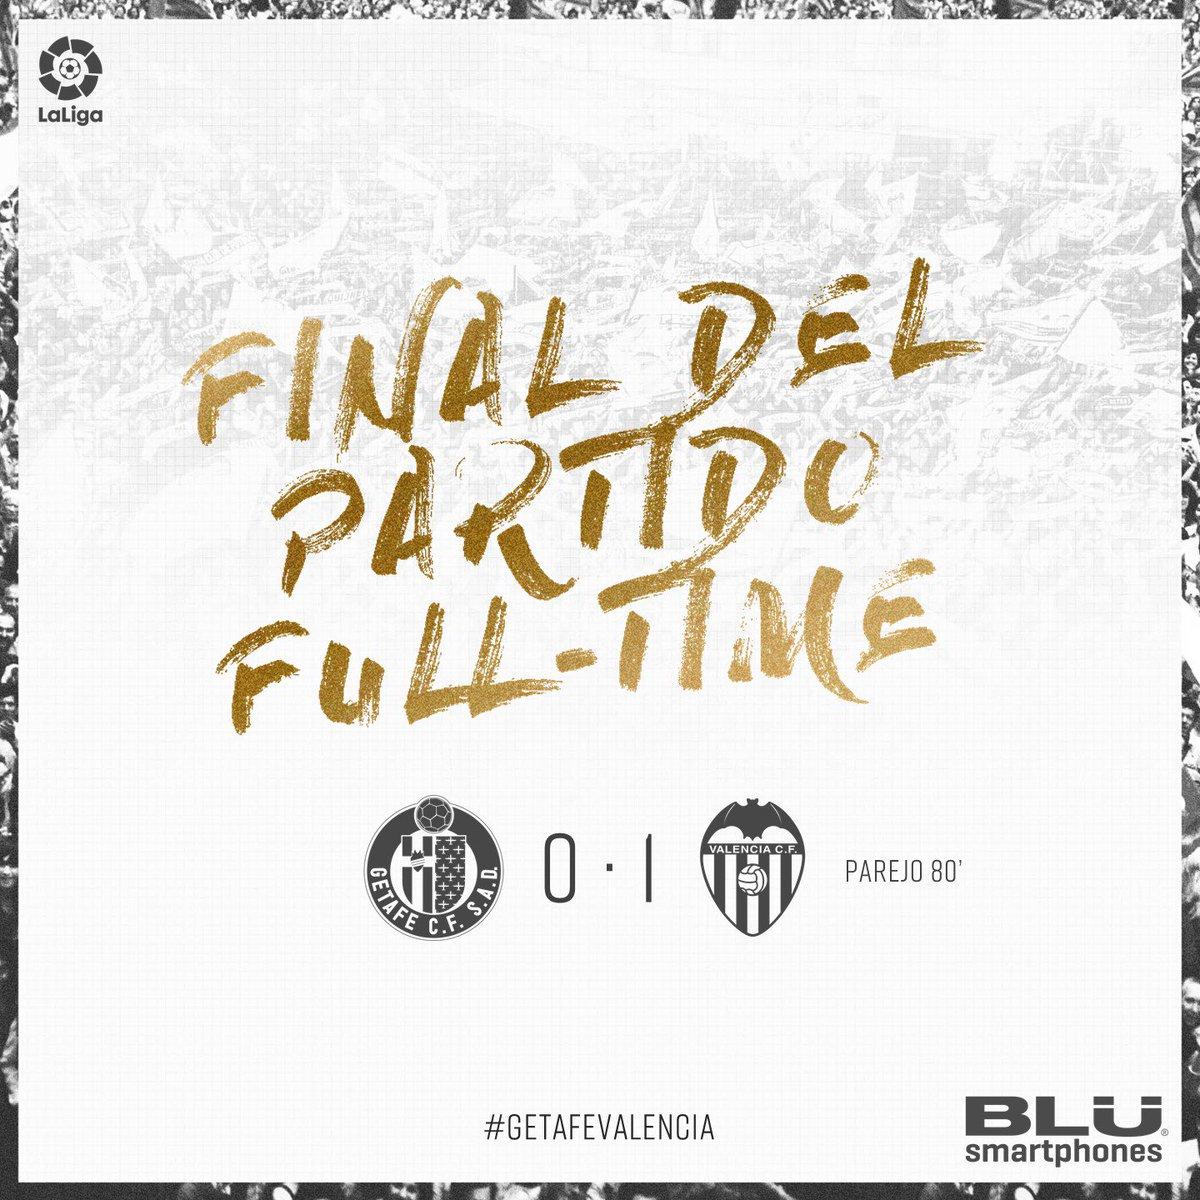 FINAL DEL PARTIT #AmuntValencia 0-1 ⚽ |  #GetafeValencia 🔵🆚🦇 https://t.co/u5FPCpck1O